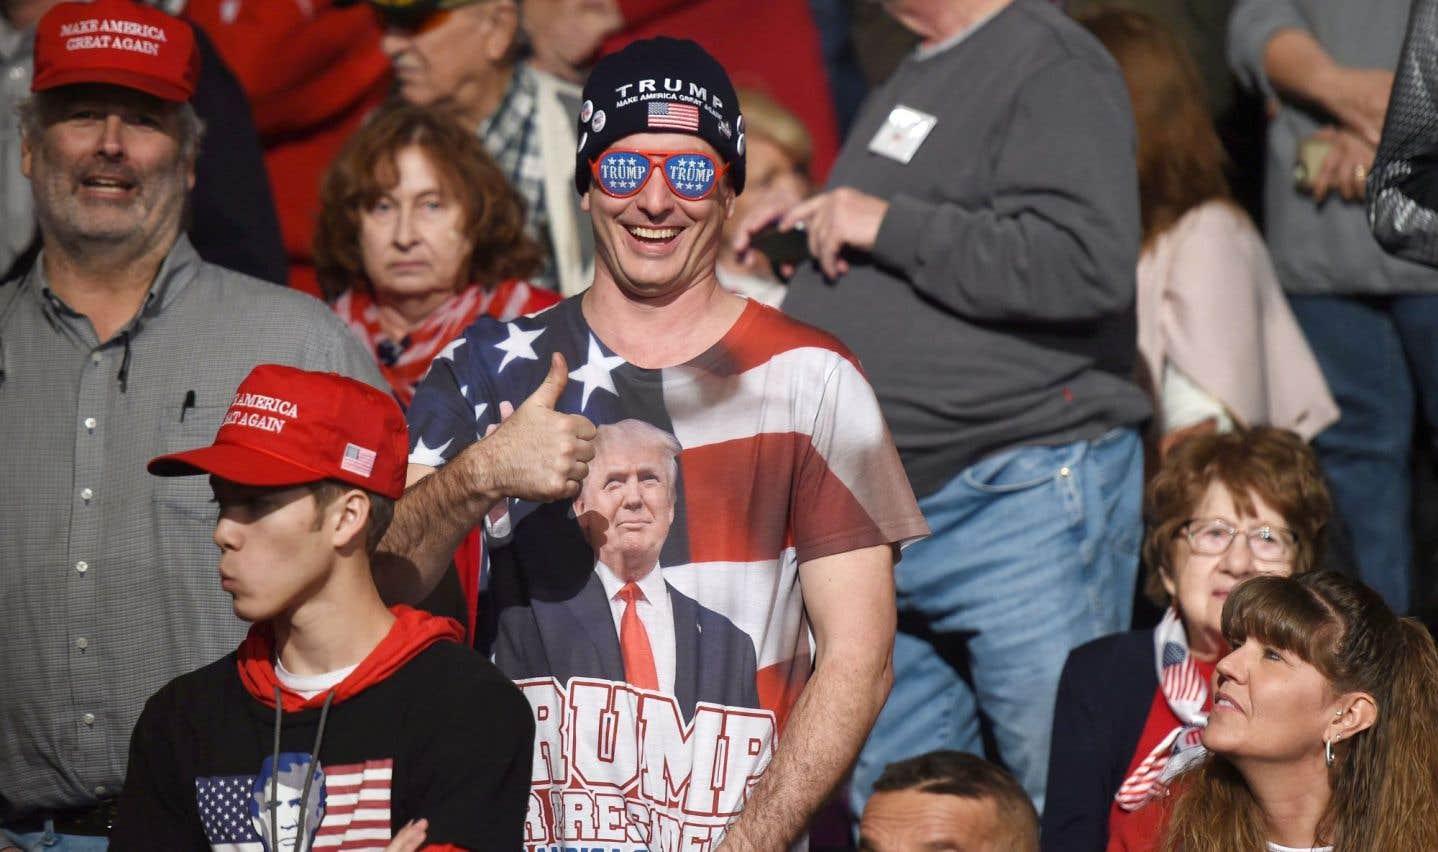 Le populisme met-il les démocraties en danger?